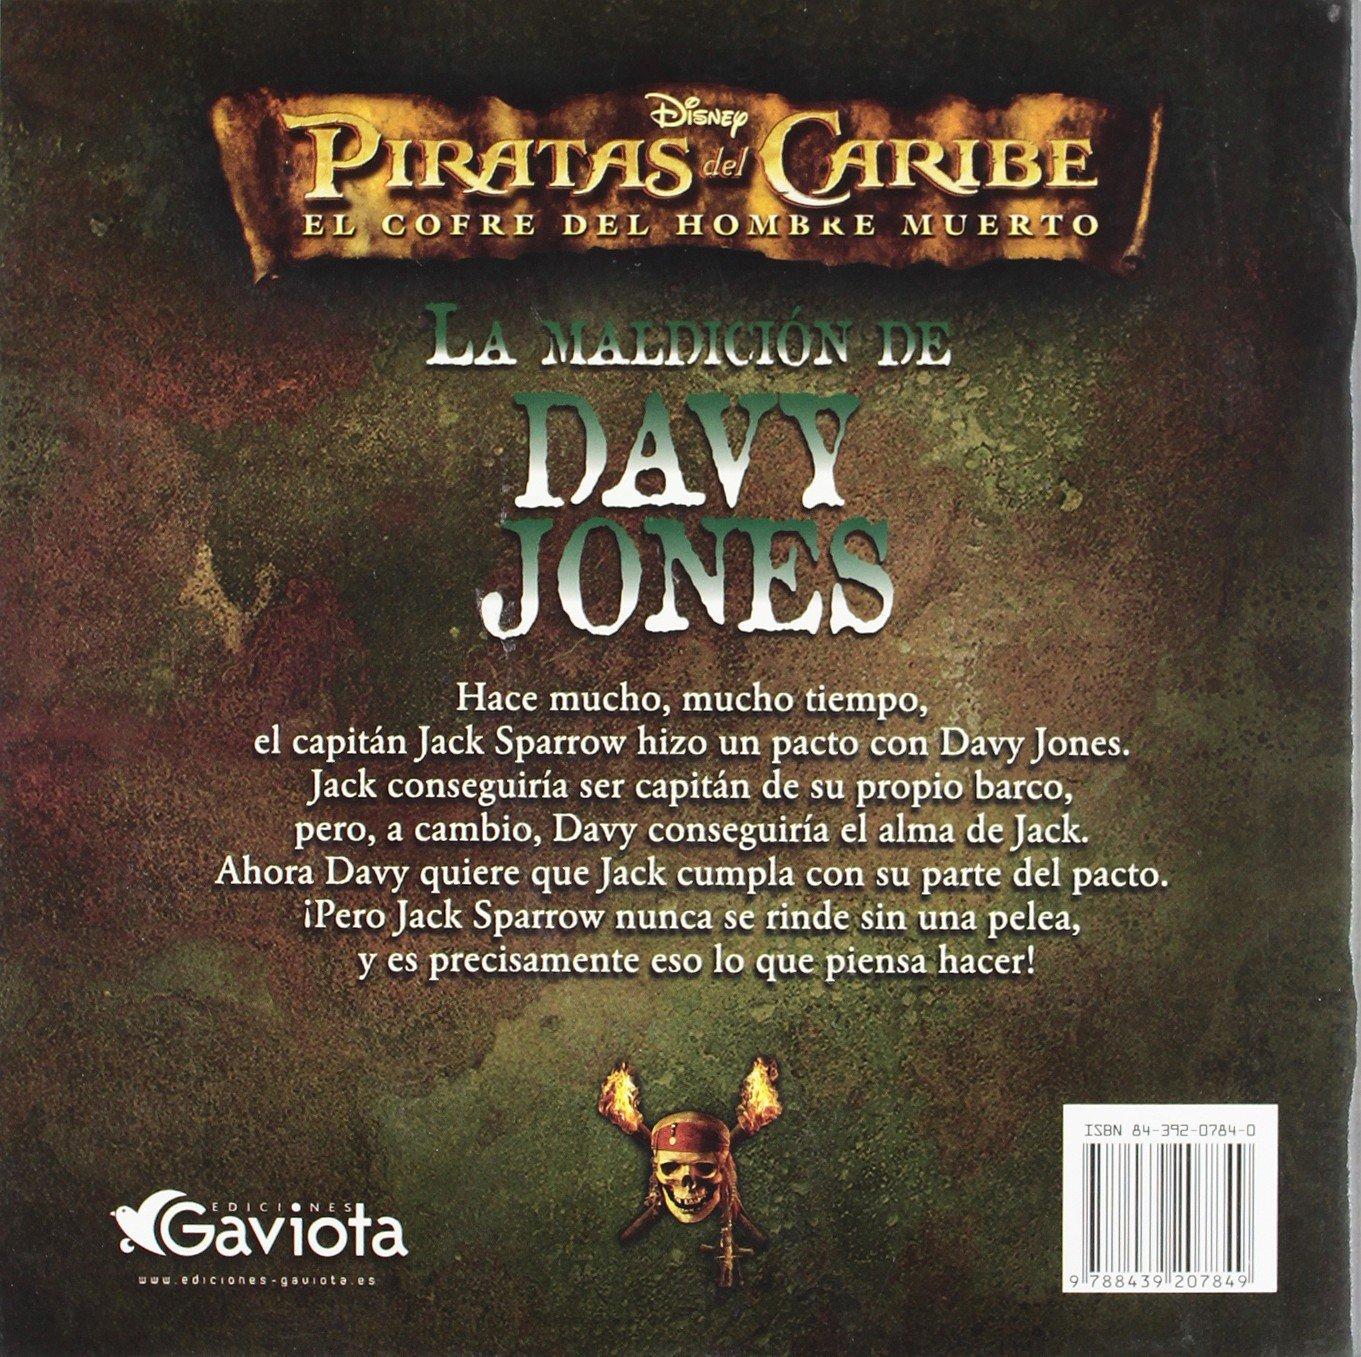 Piratas del Caribe 2. El cofre del hombre muerto (Spanish) Paperback – June 1, 2006